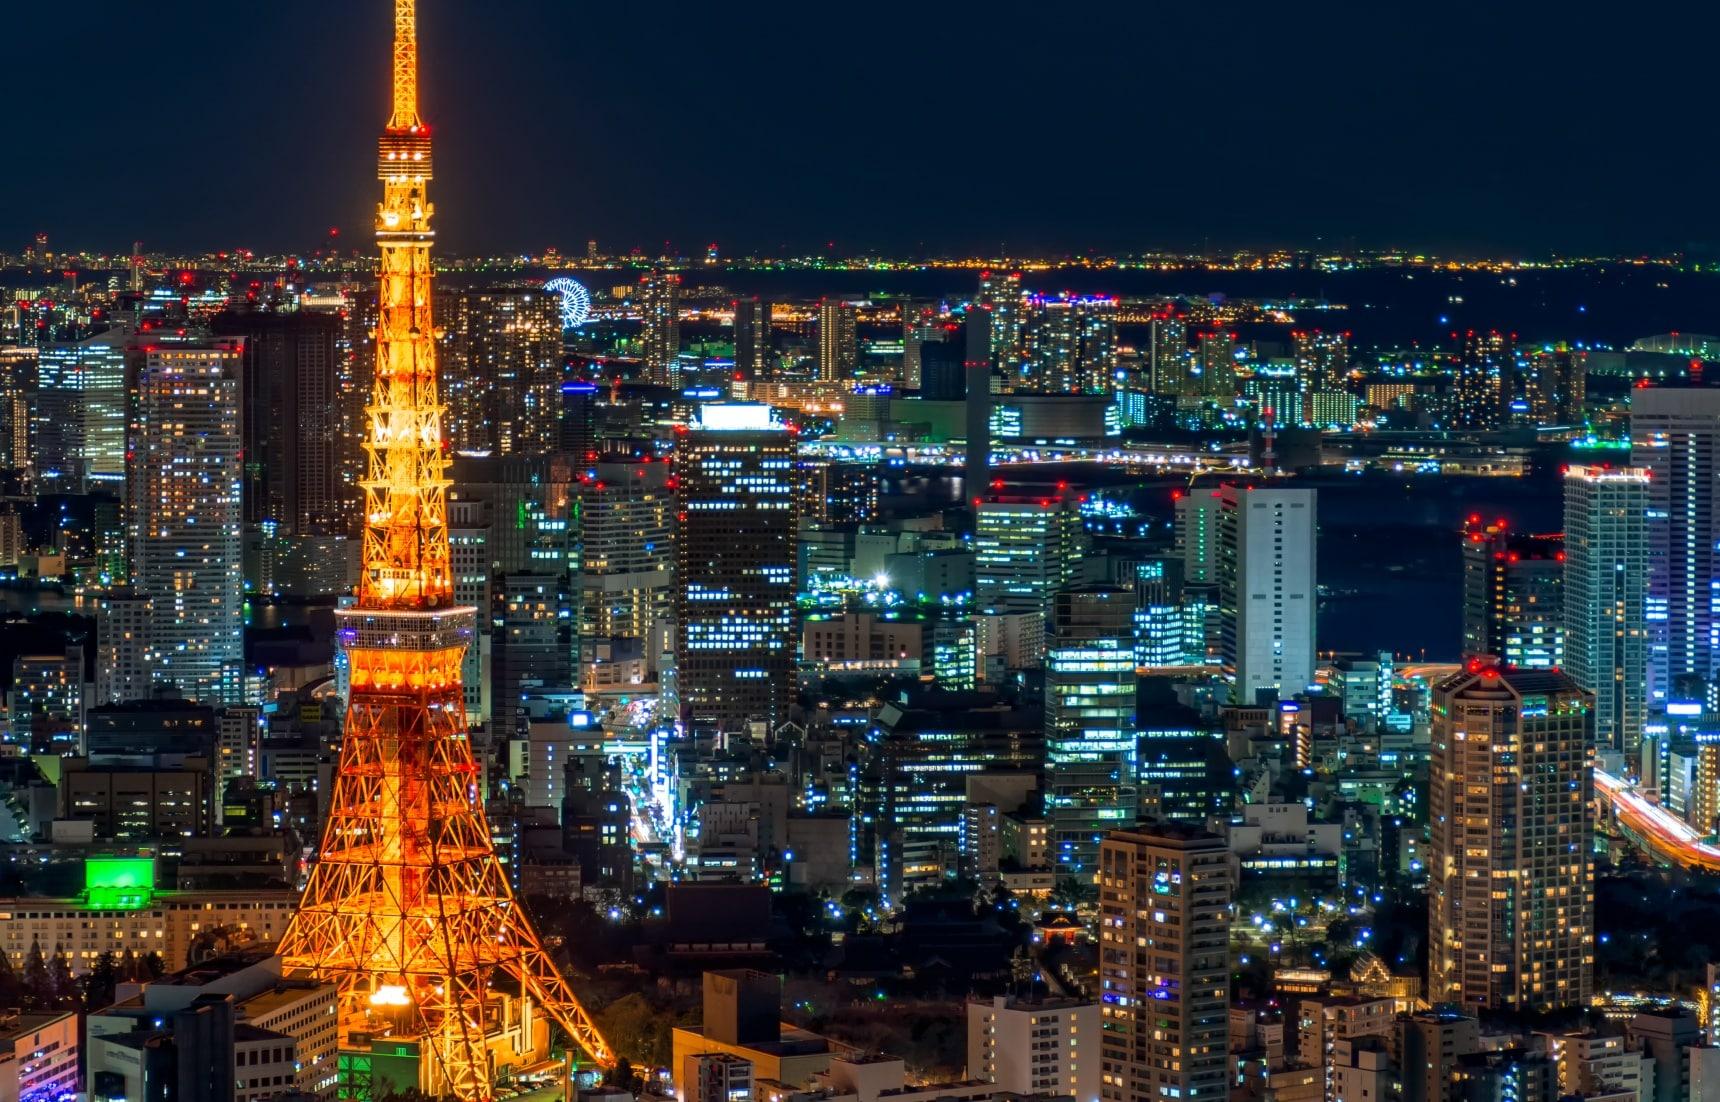 10 ที่เที่ยวที่เข้าฟรีในโตเกียว